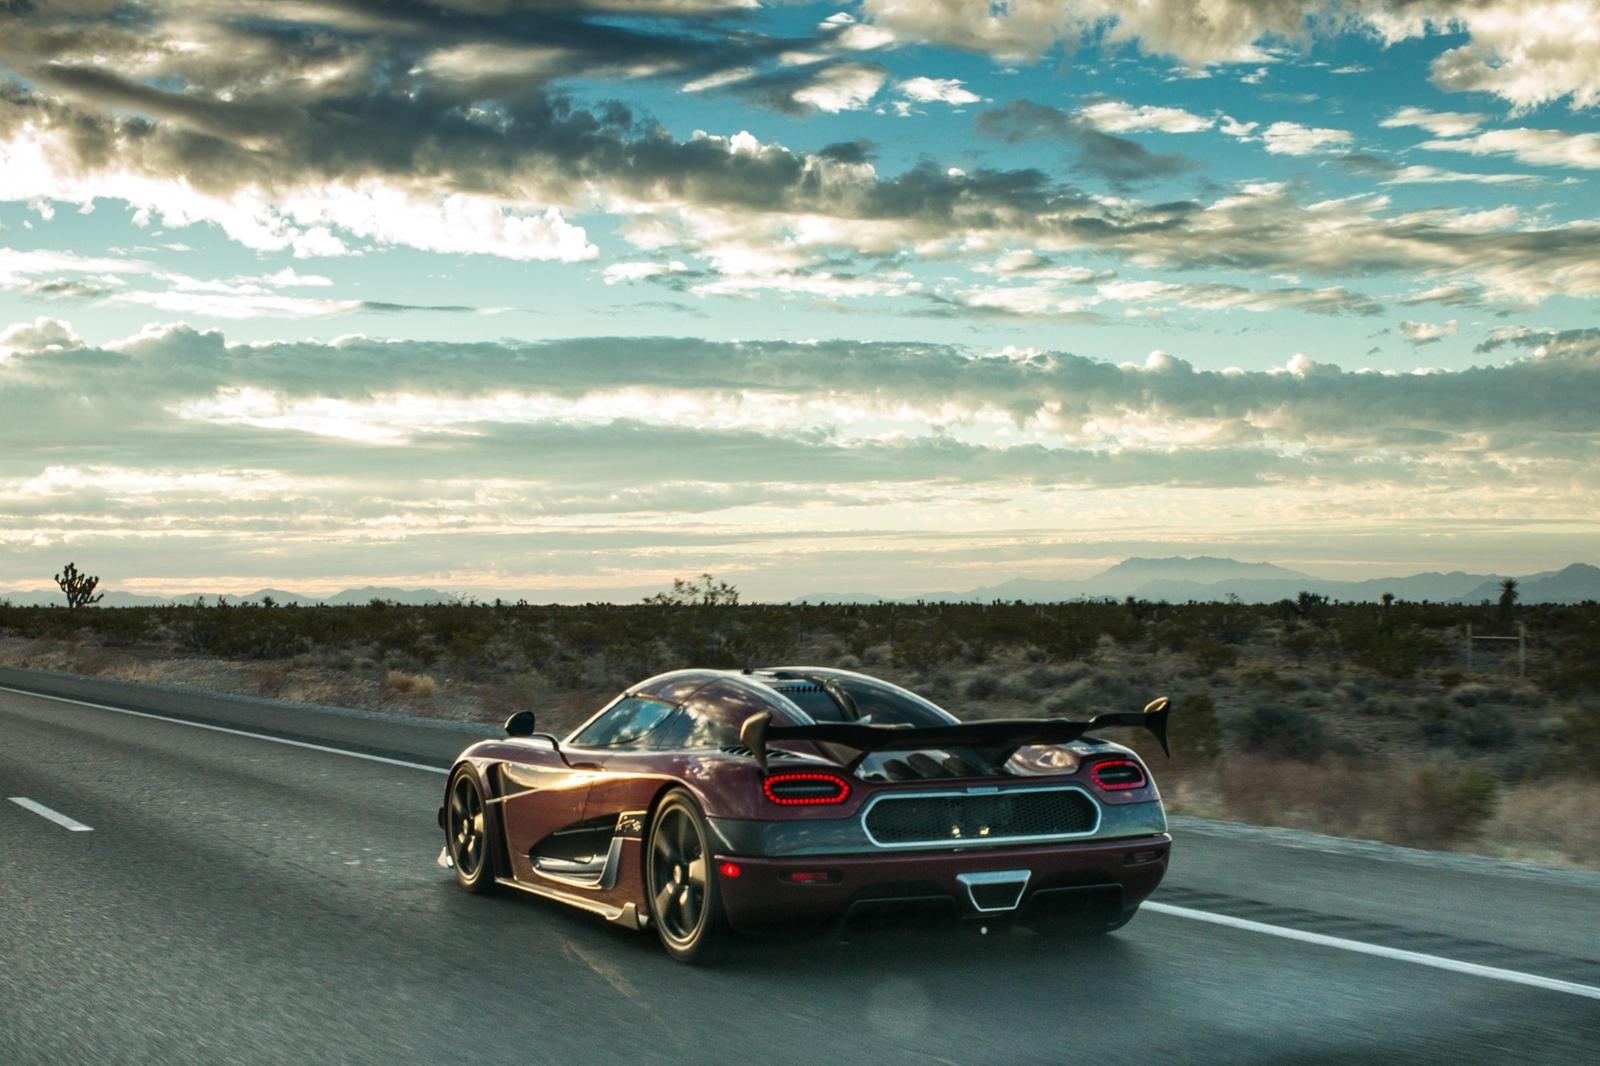 Но теперь рекордный автомобиль Agera RS вернулся в особой фотосессии. В Instagram художник Джеймс Джин поделился изображениями своего последнего арт-проекта автомобиля на основе рекордного автомобиля Agera RS. В результате получился «самый быстрый в